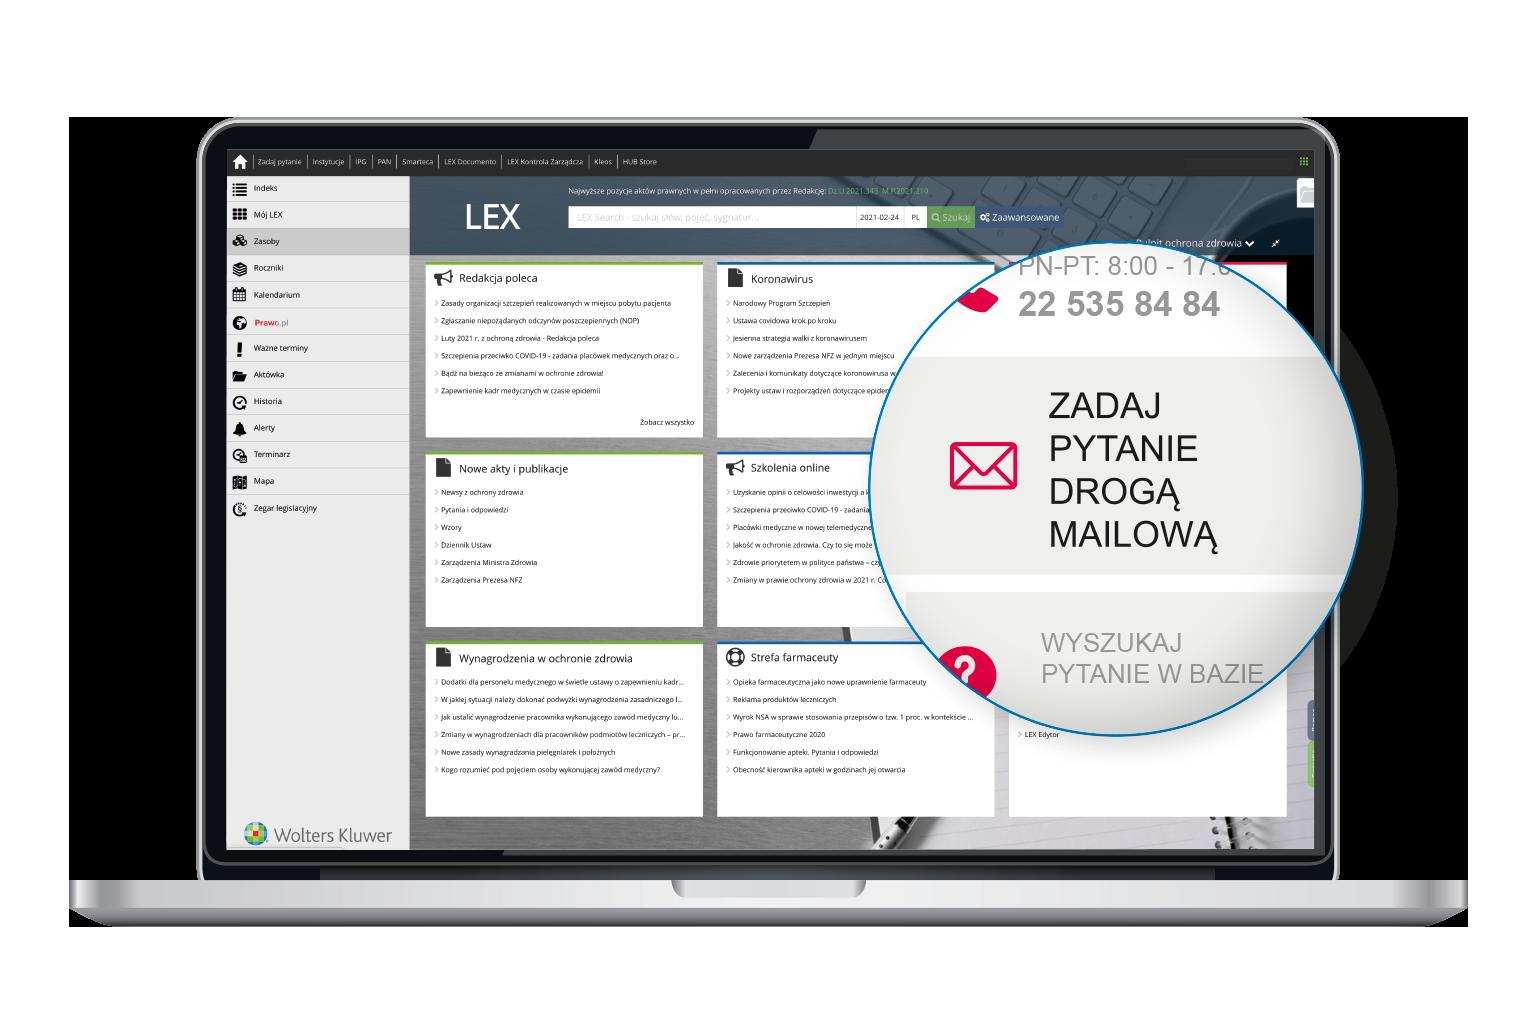 Zadaj pytanie drogą mailową w LEX Medca